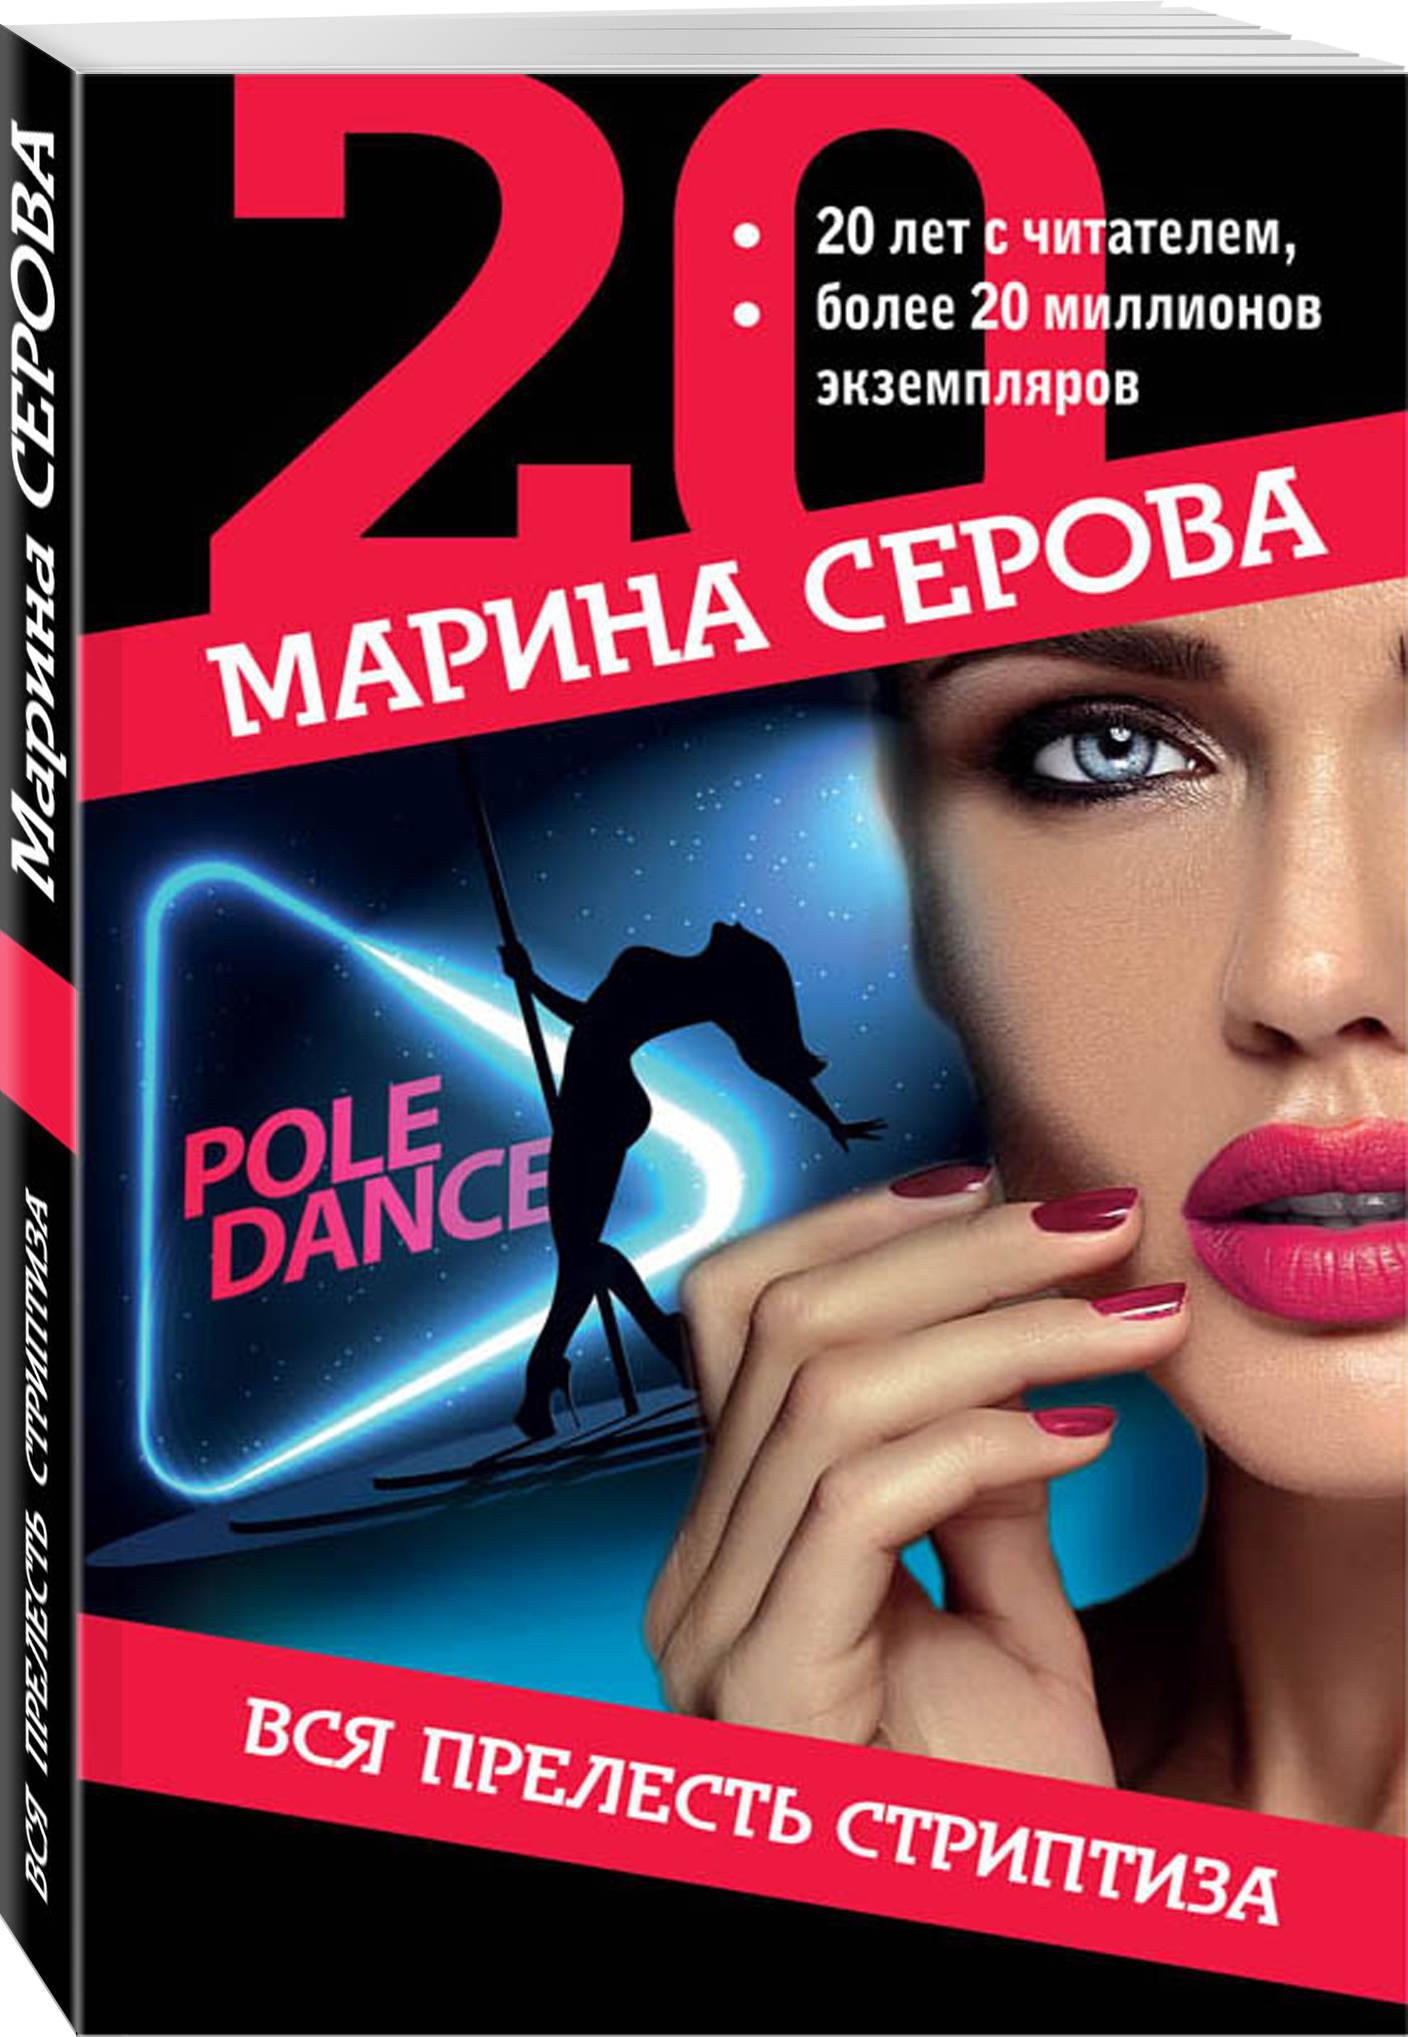 Марина Серова Вся прелесть стриптиза марина белова золото ночного будапешта